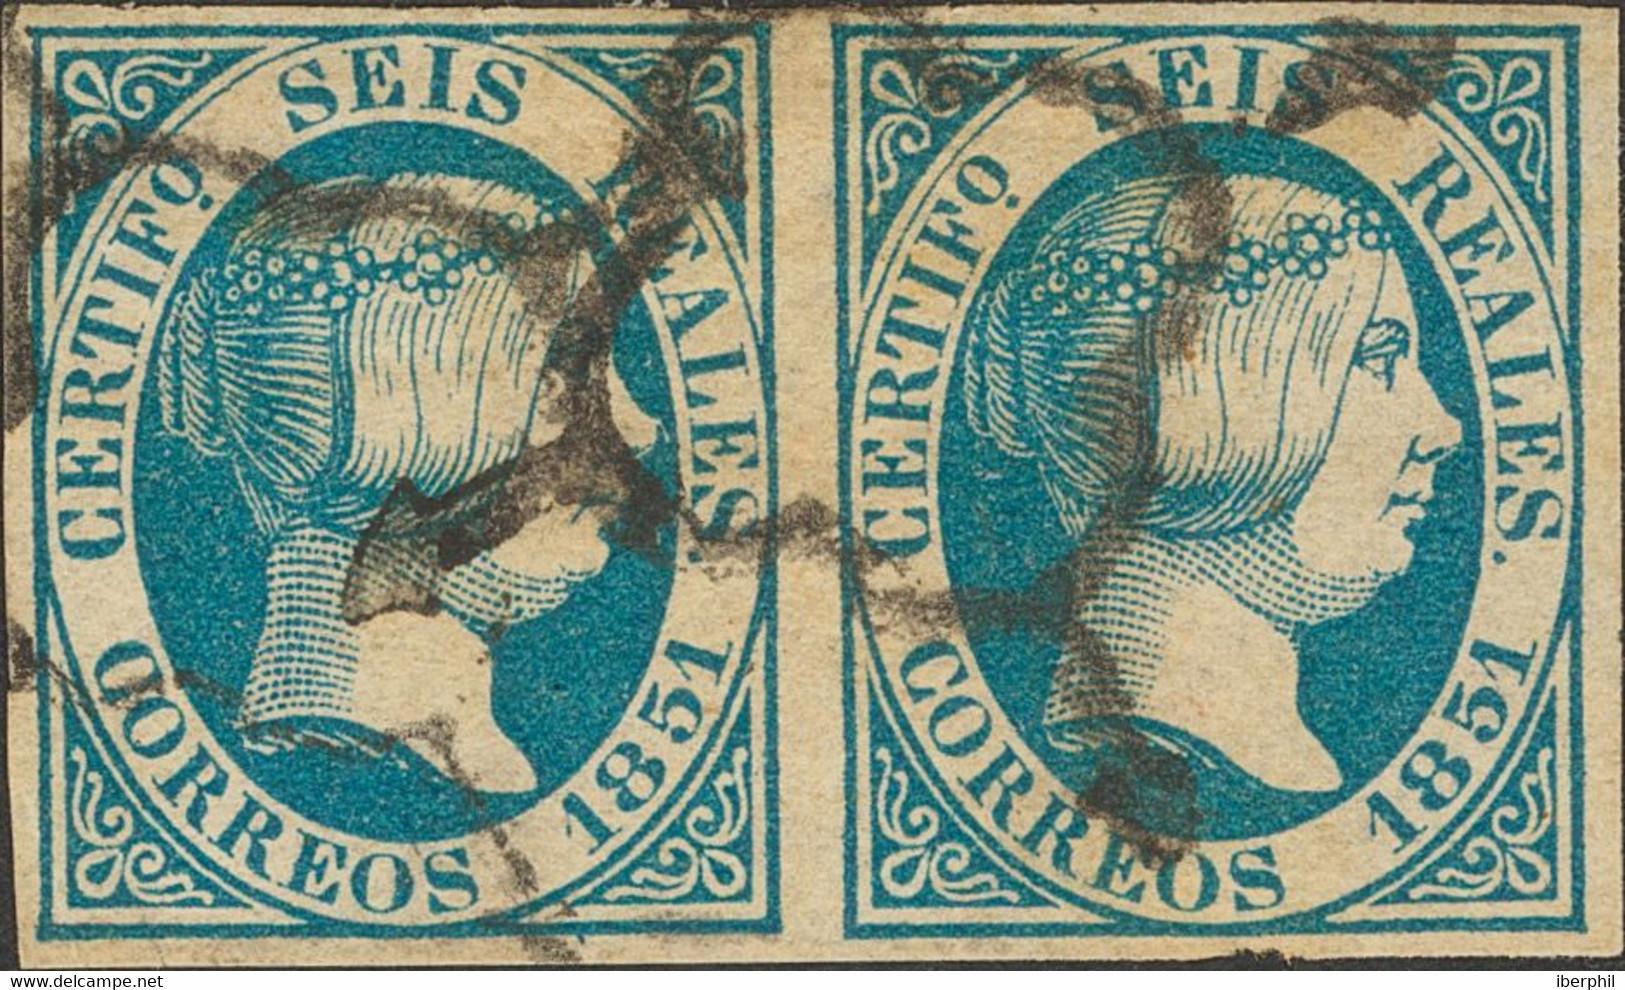 º10(2). 1851. 6 Reales Azul, Pareja. Grades Márgenes Y Matasello Limpio. MAGNIFICA Y MUY RARA. Cert. CEM. Edifil 2020: 2 - Zonder Classificatie